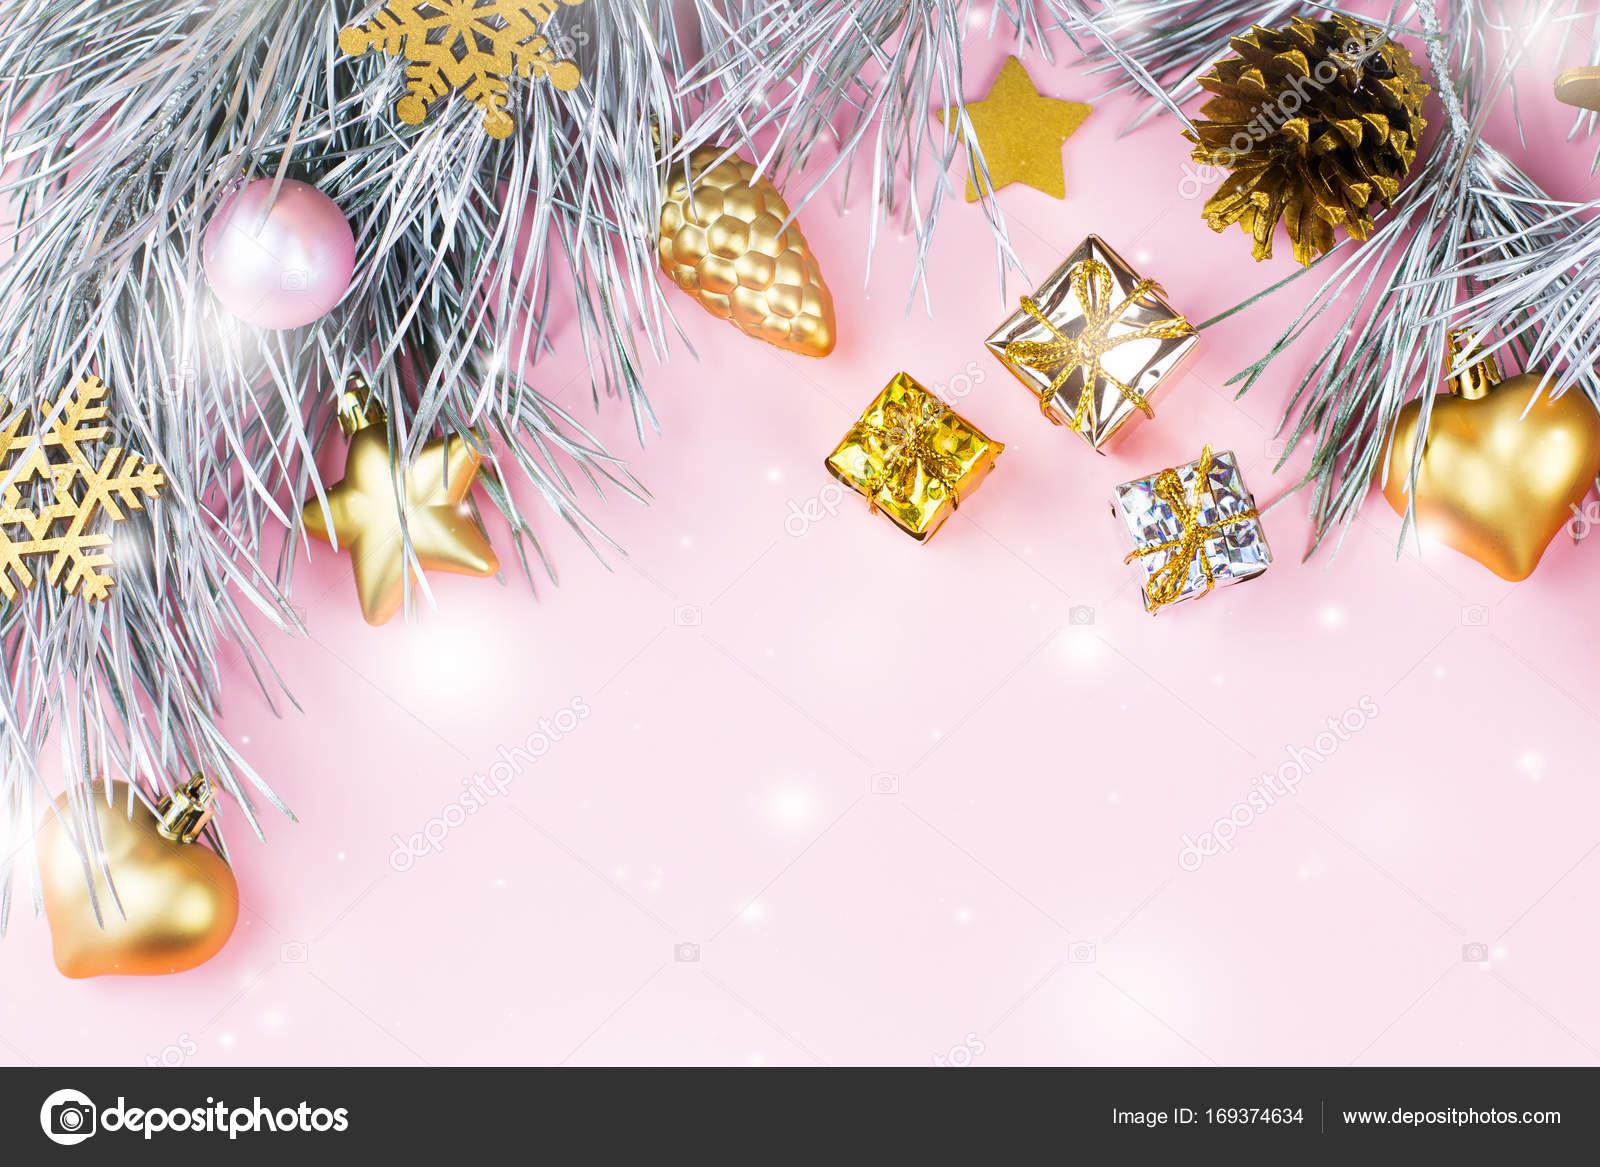 Weihnachten rahmen mit tannenzweigen nadelbaum zapfen weihnachtsschmuck auf pastell rosa - Weihnachtskugeln pastell ...